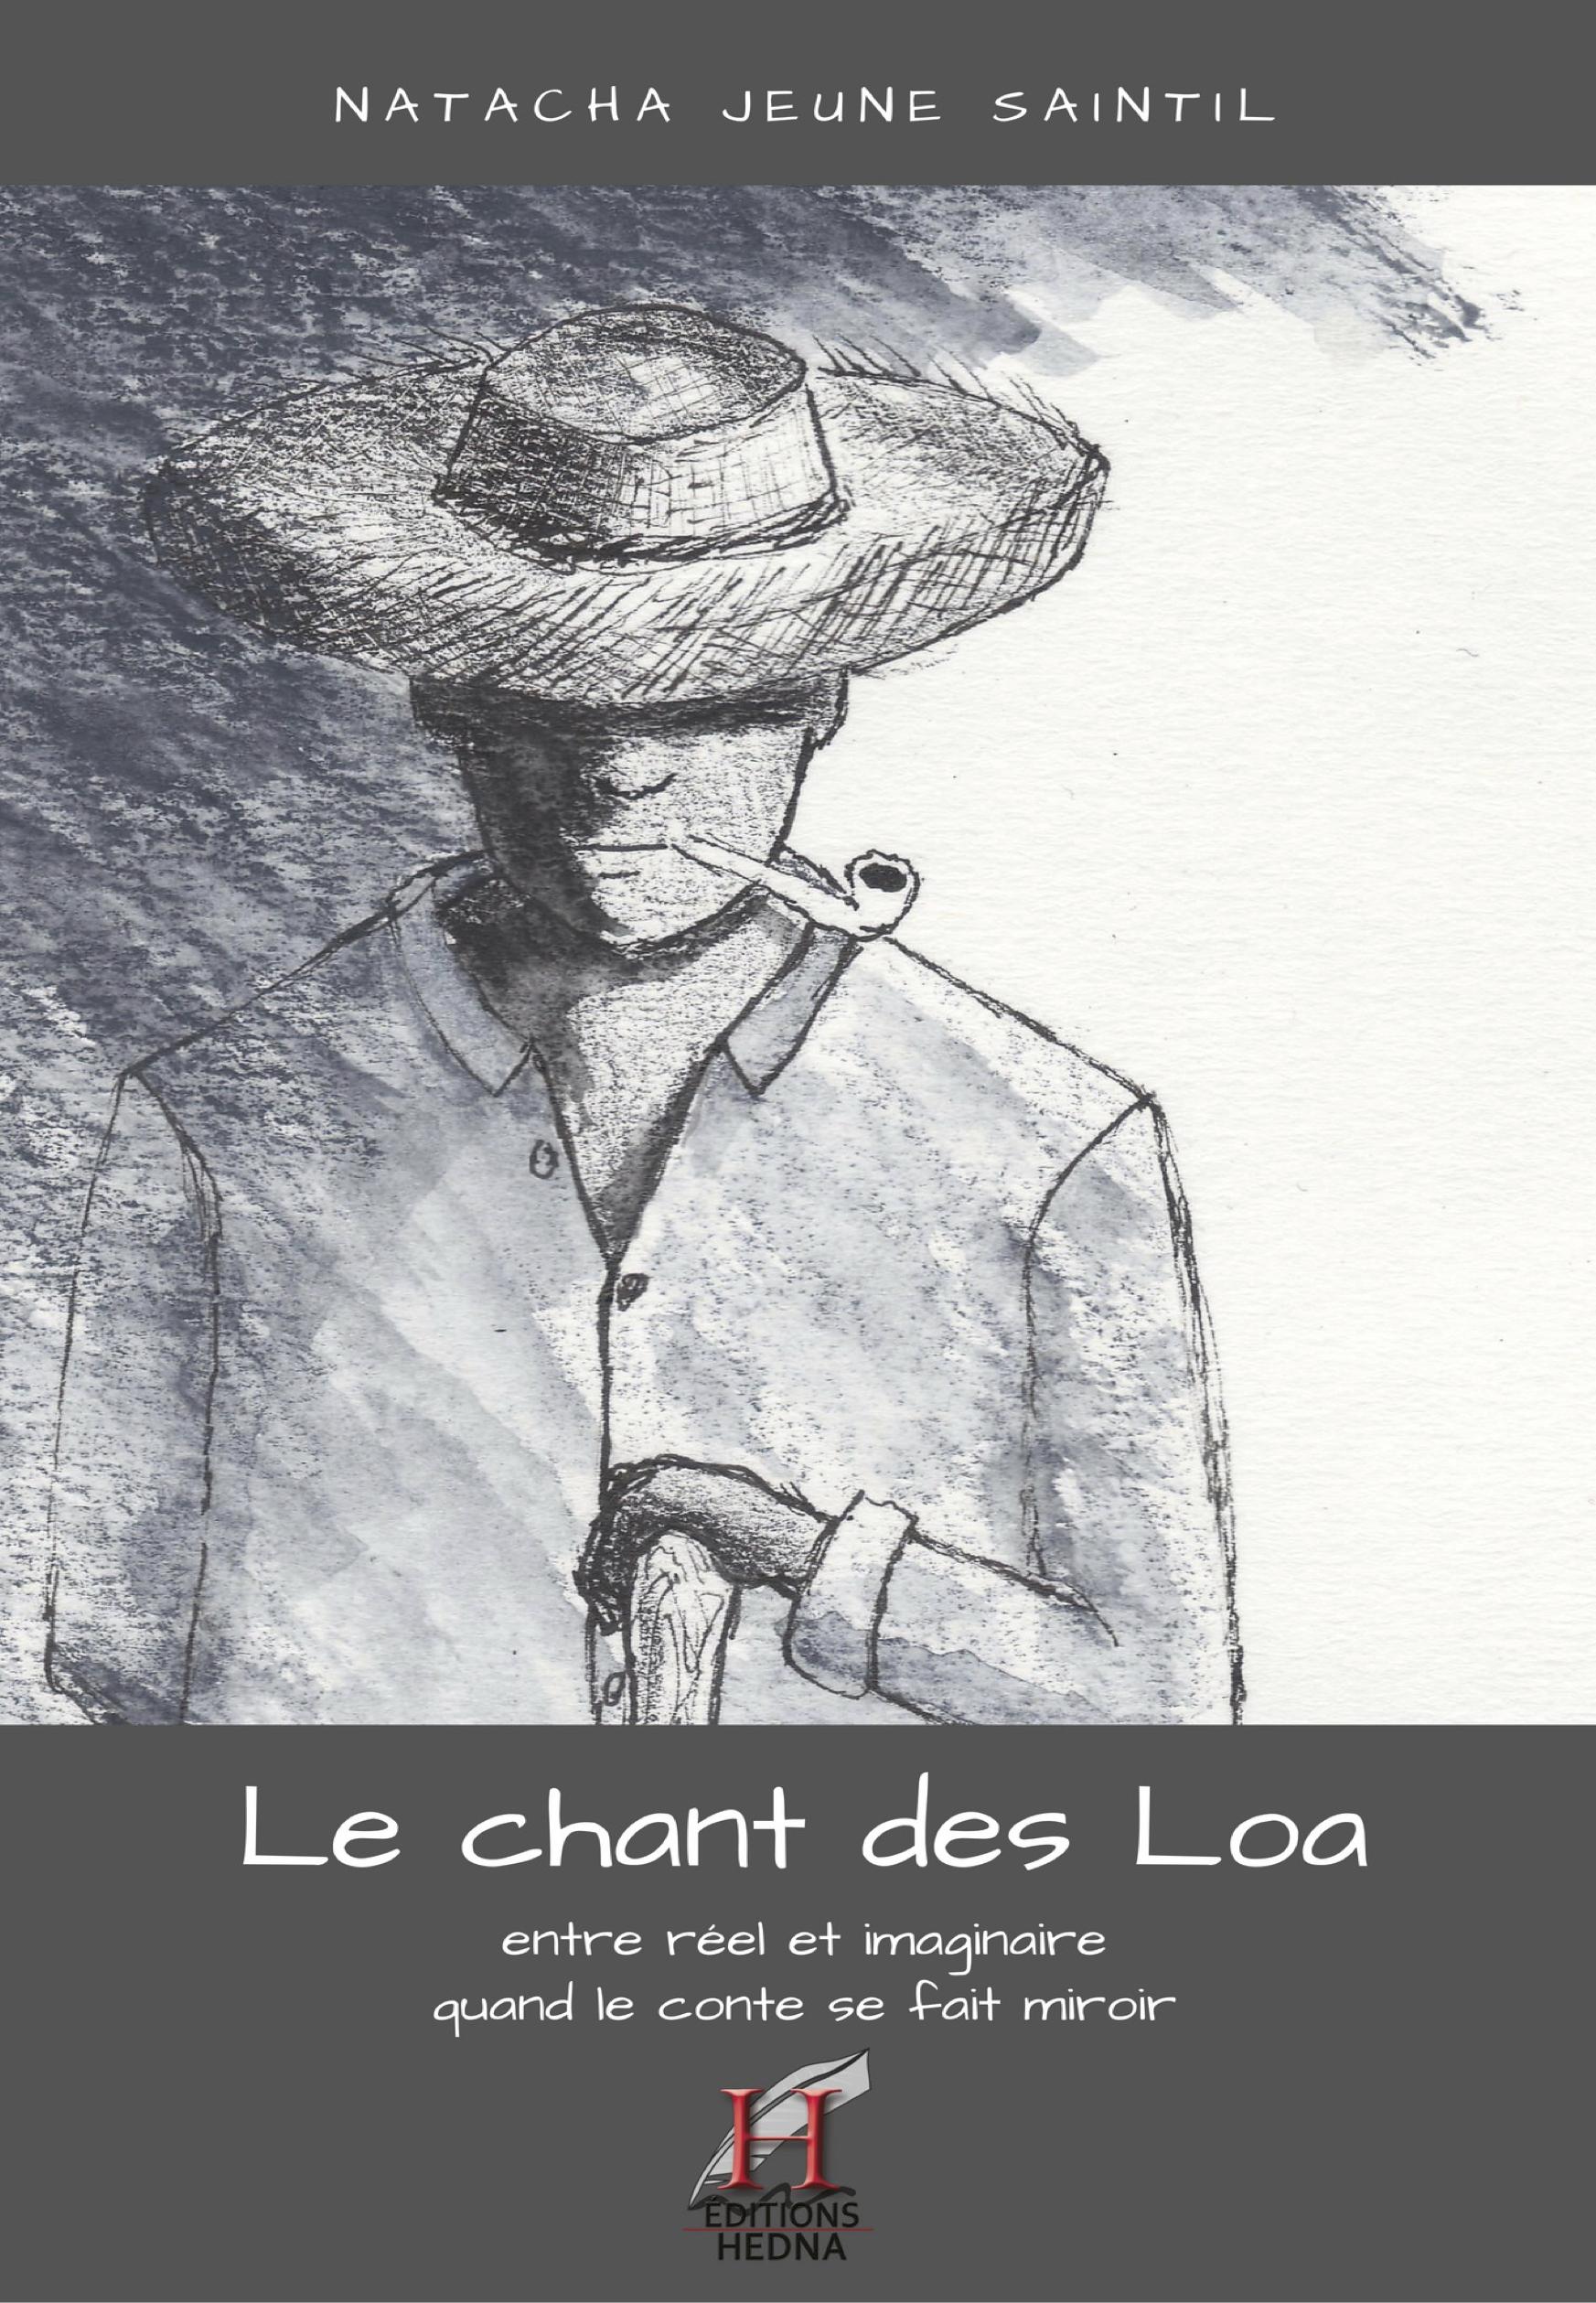 Rencontre d'auteur : Natacha JEUNE SAINTIL @ La Maison Bleue / Espace-lecture St-Martin | Rennes | Bretagne | France